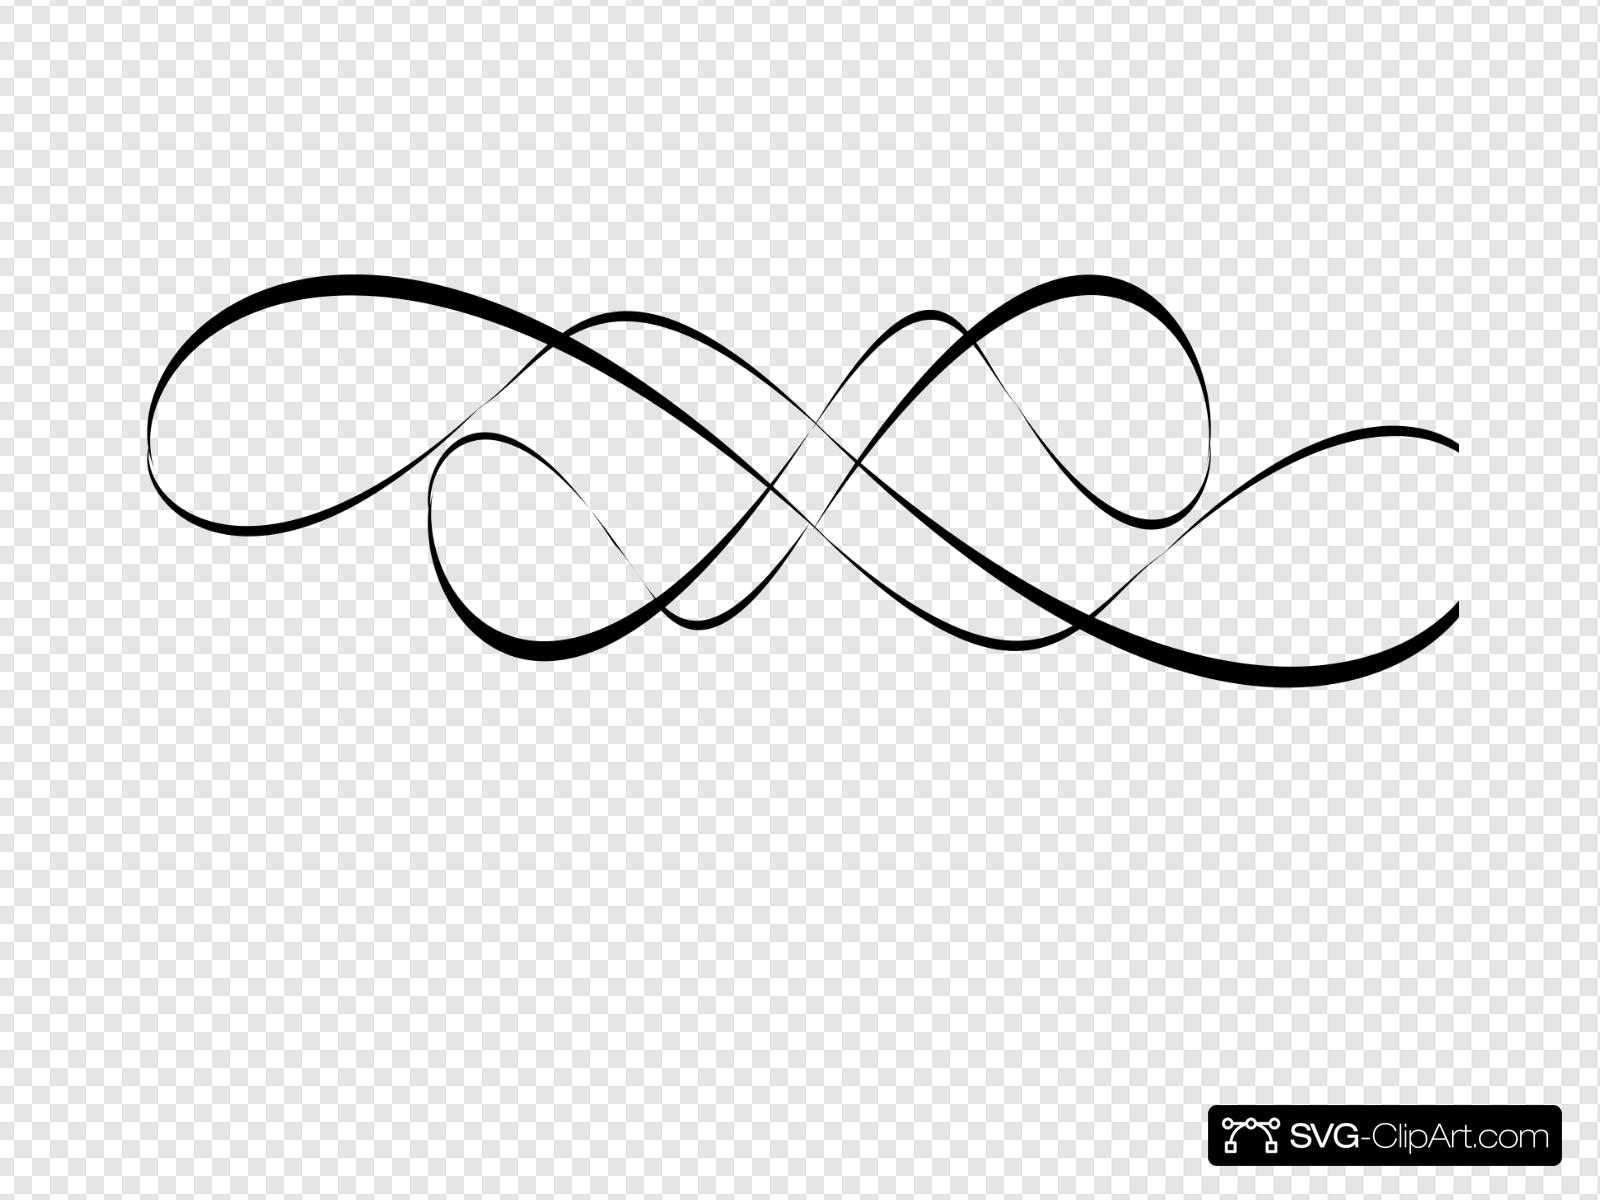 Swirl Design Black Clip art, Icon and SVG.